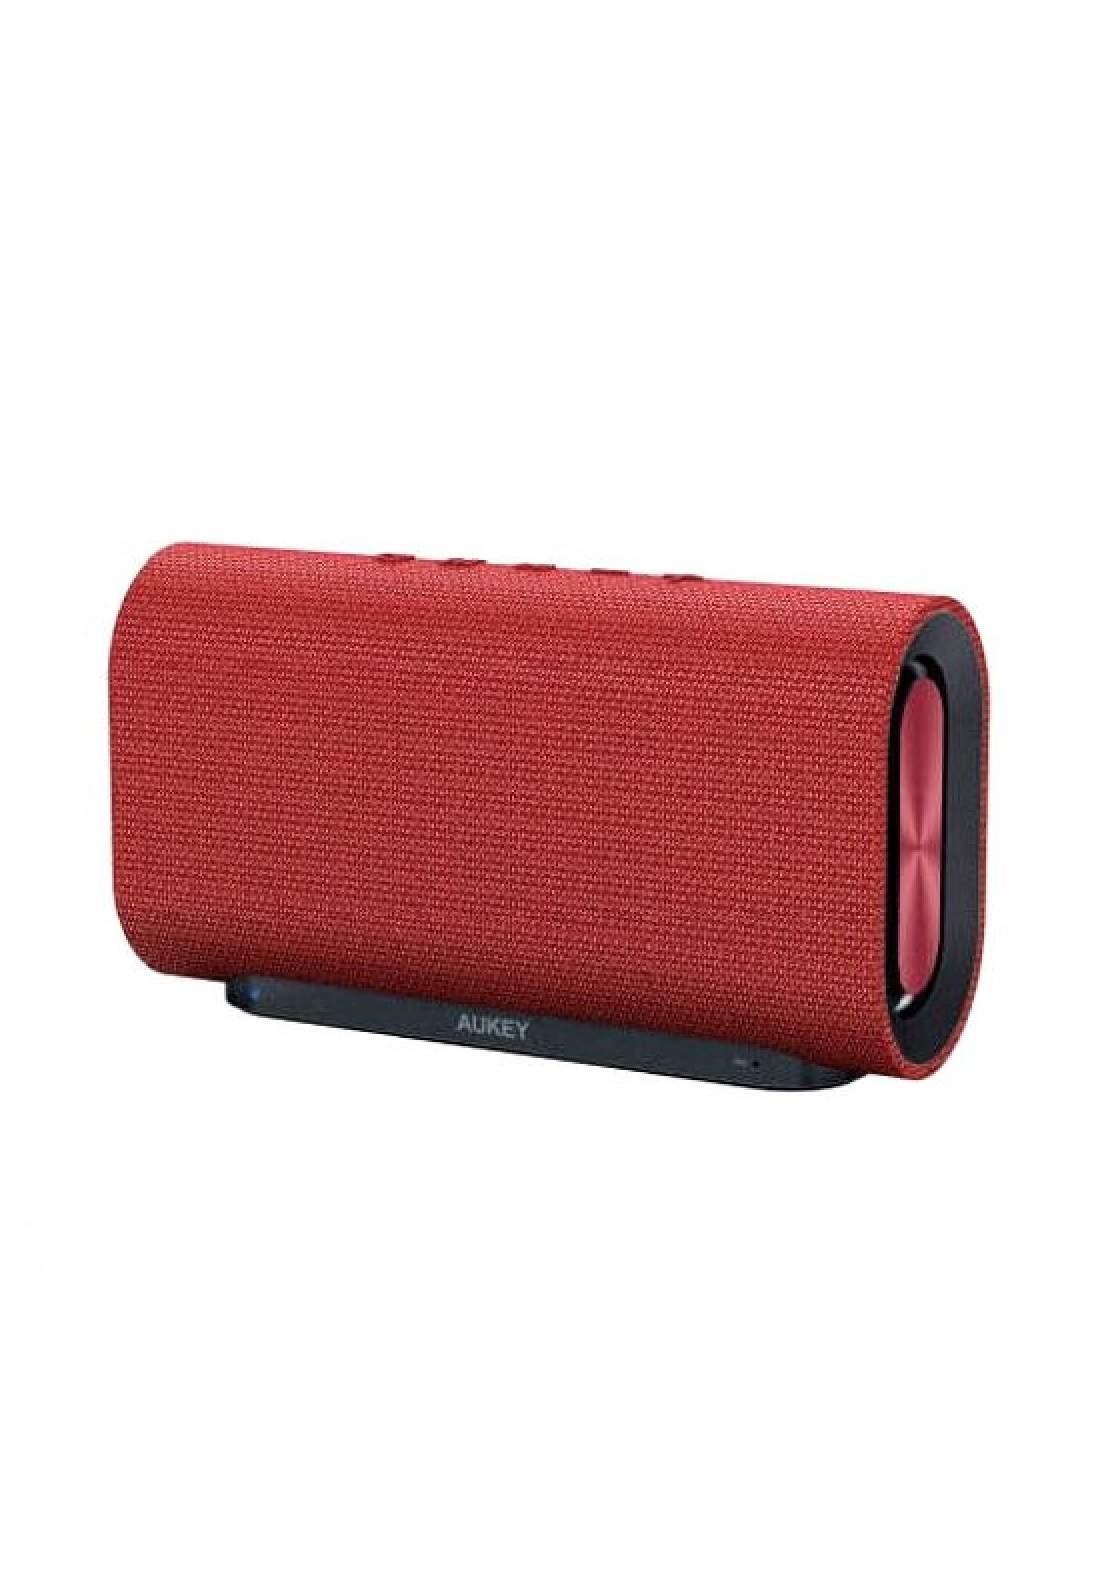 Aukey SK-M30 Eclipse Bluetooth Speaker Enhanced Bass -Red (1388) سبيكر